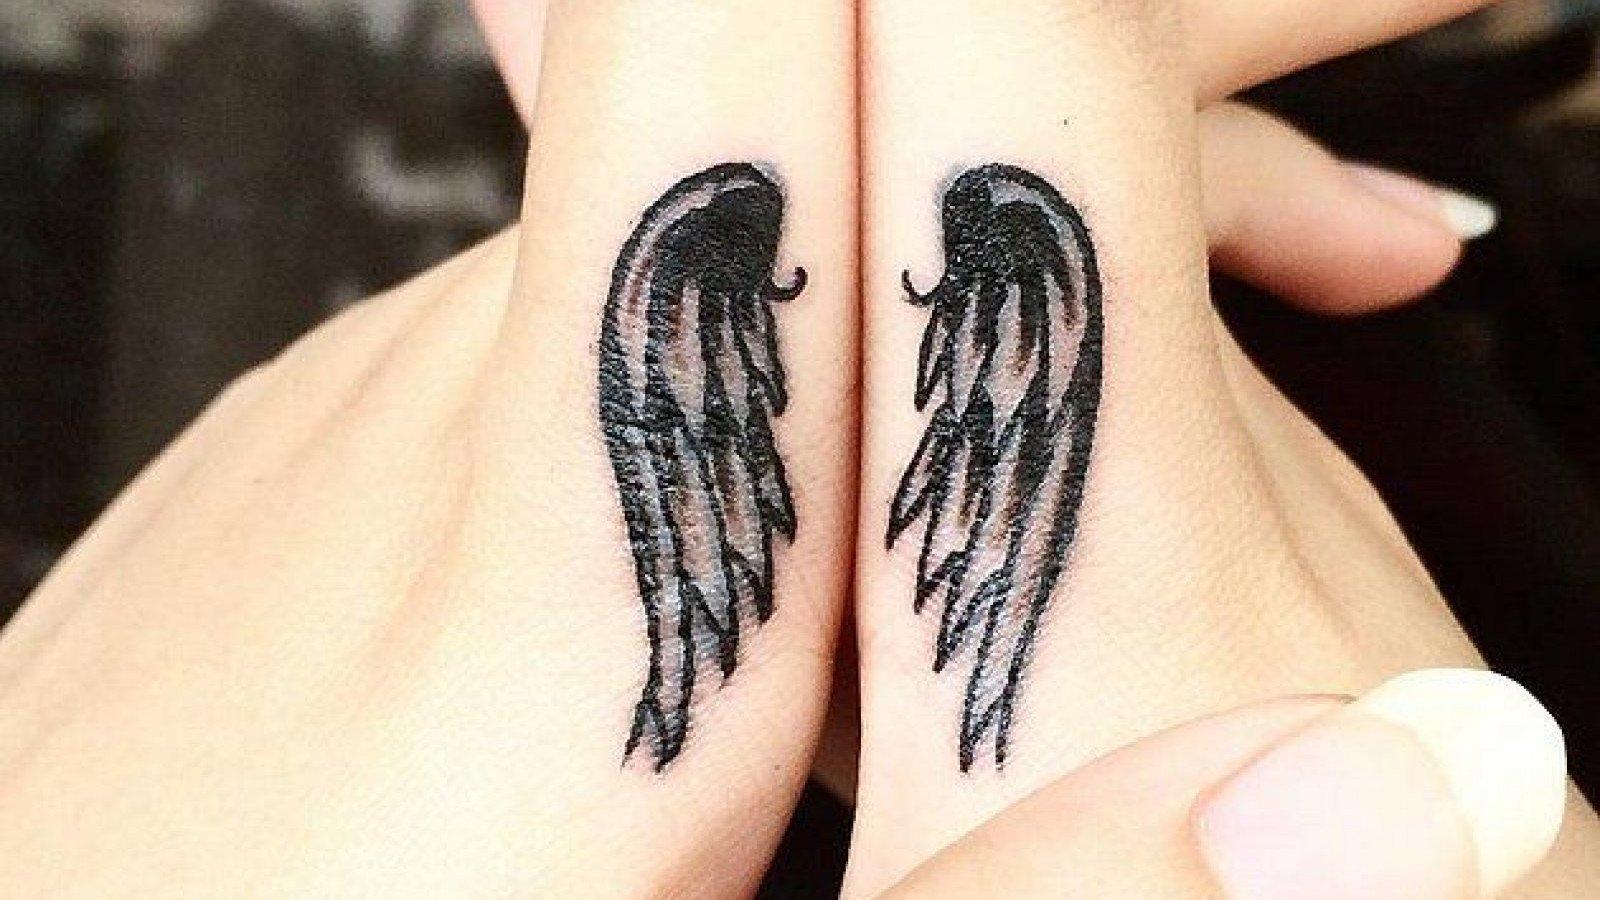 Tatuaje de unas alas en los dedos.